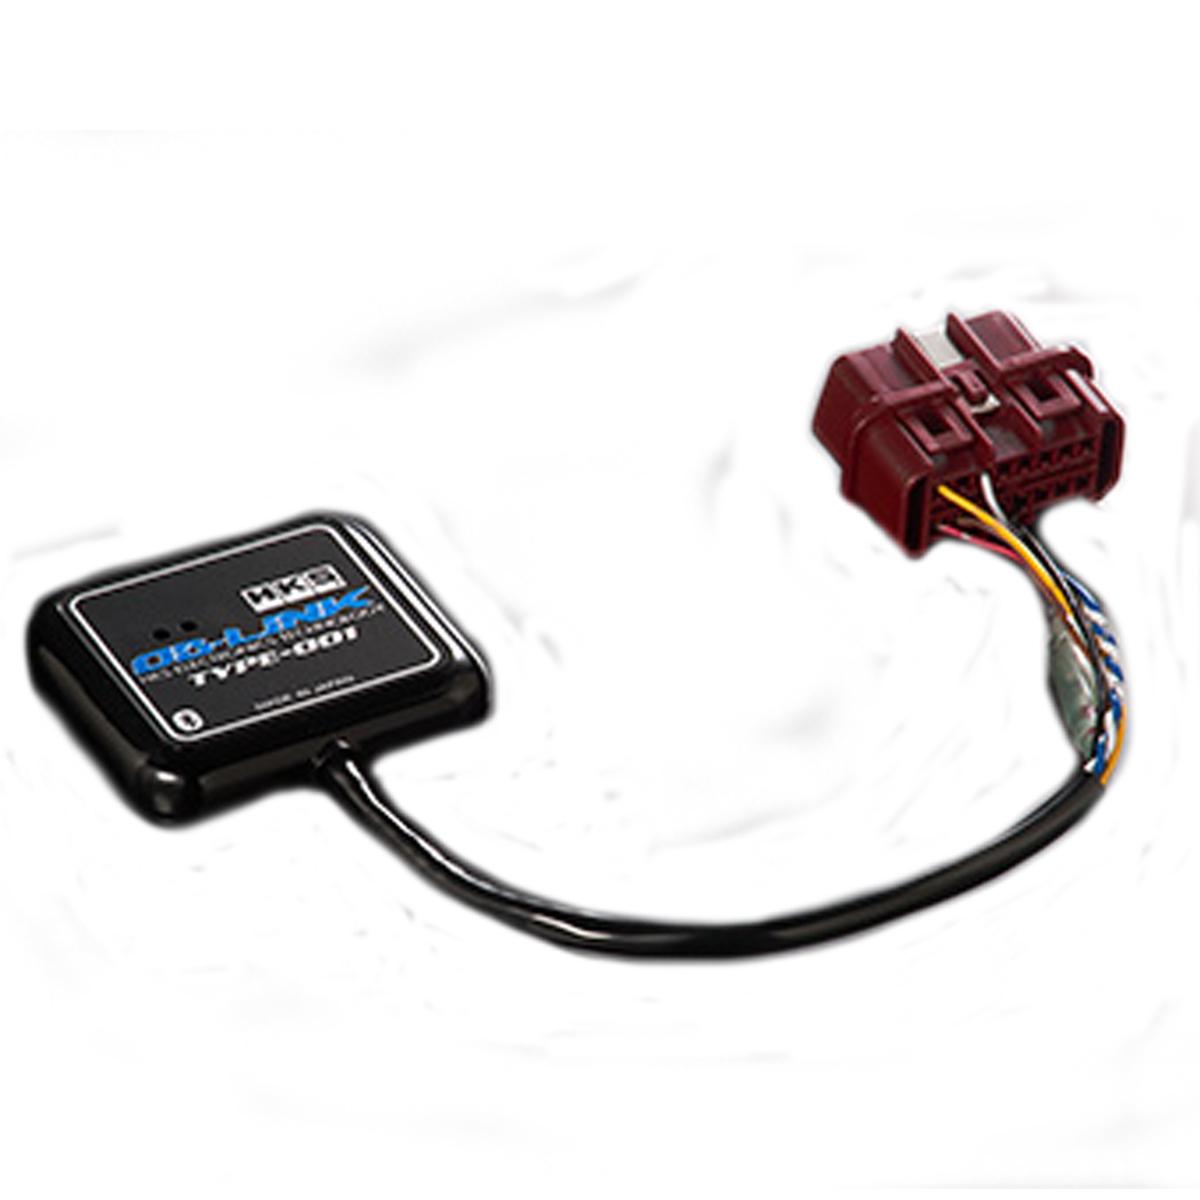 フォルクス ワーゲン モニター OBリンク タイプ 001 1FBWA HKS 44009-AK002 エレクトリニクス